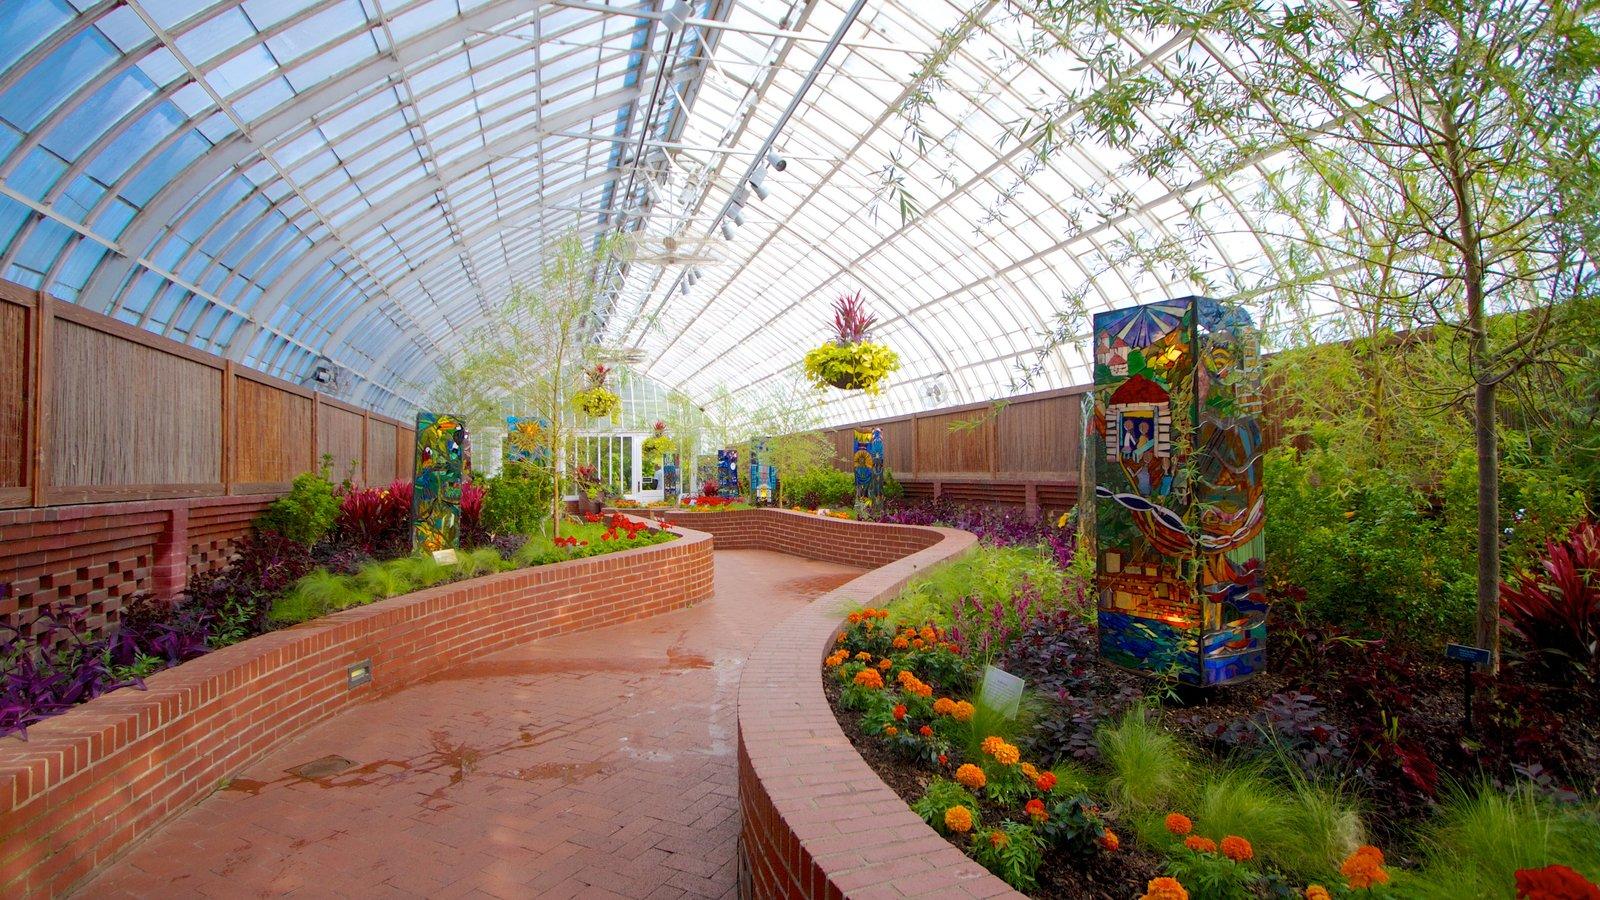 Phipps Conservatory caracterizando um jardim, vistas internas e flores